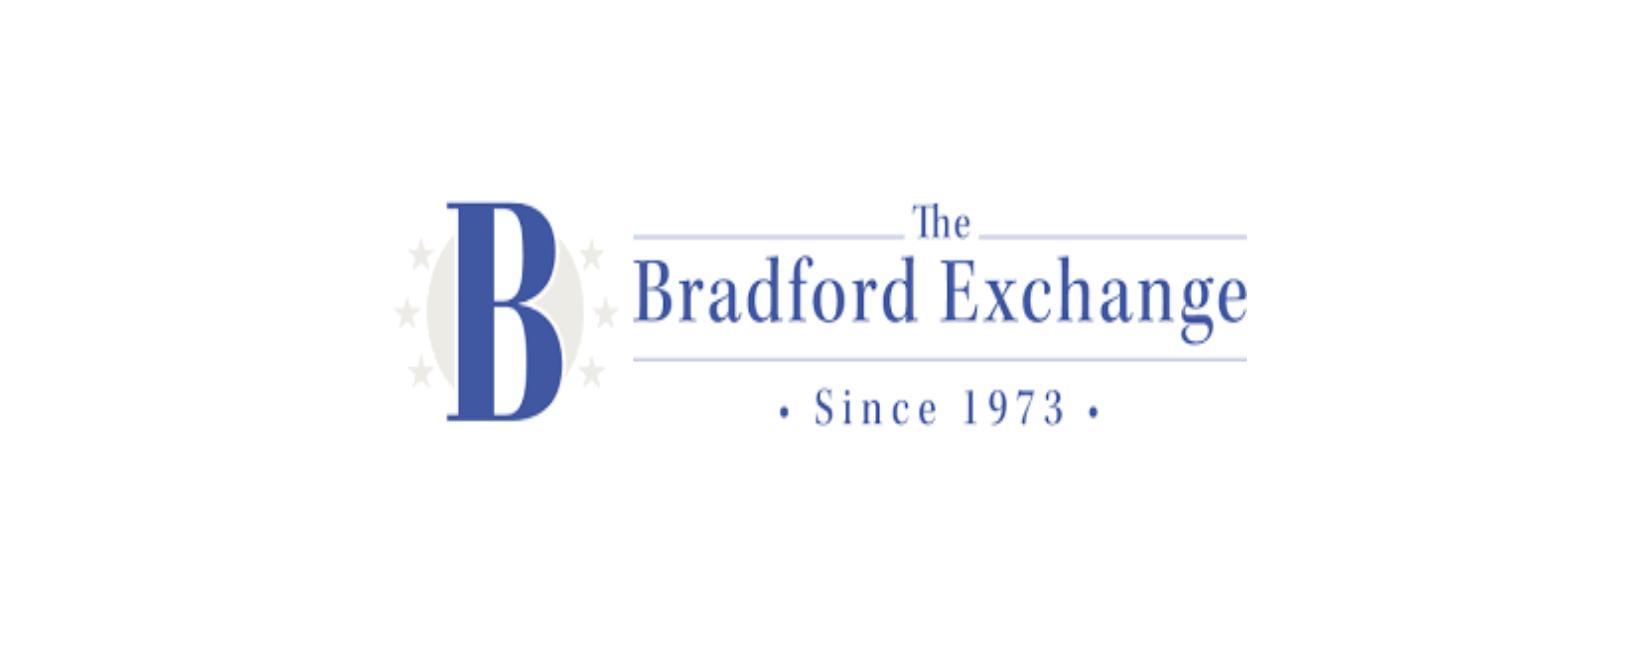 Bradford Exchange UK Discount Code 2021